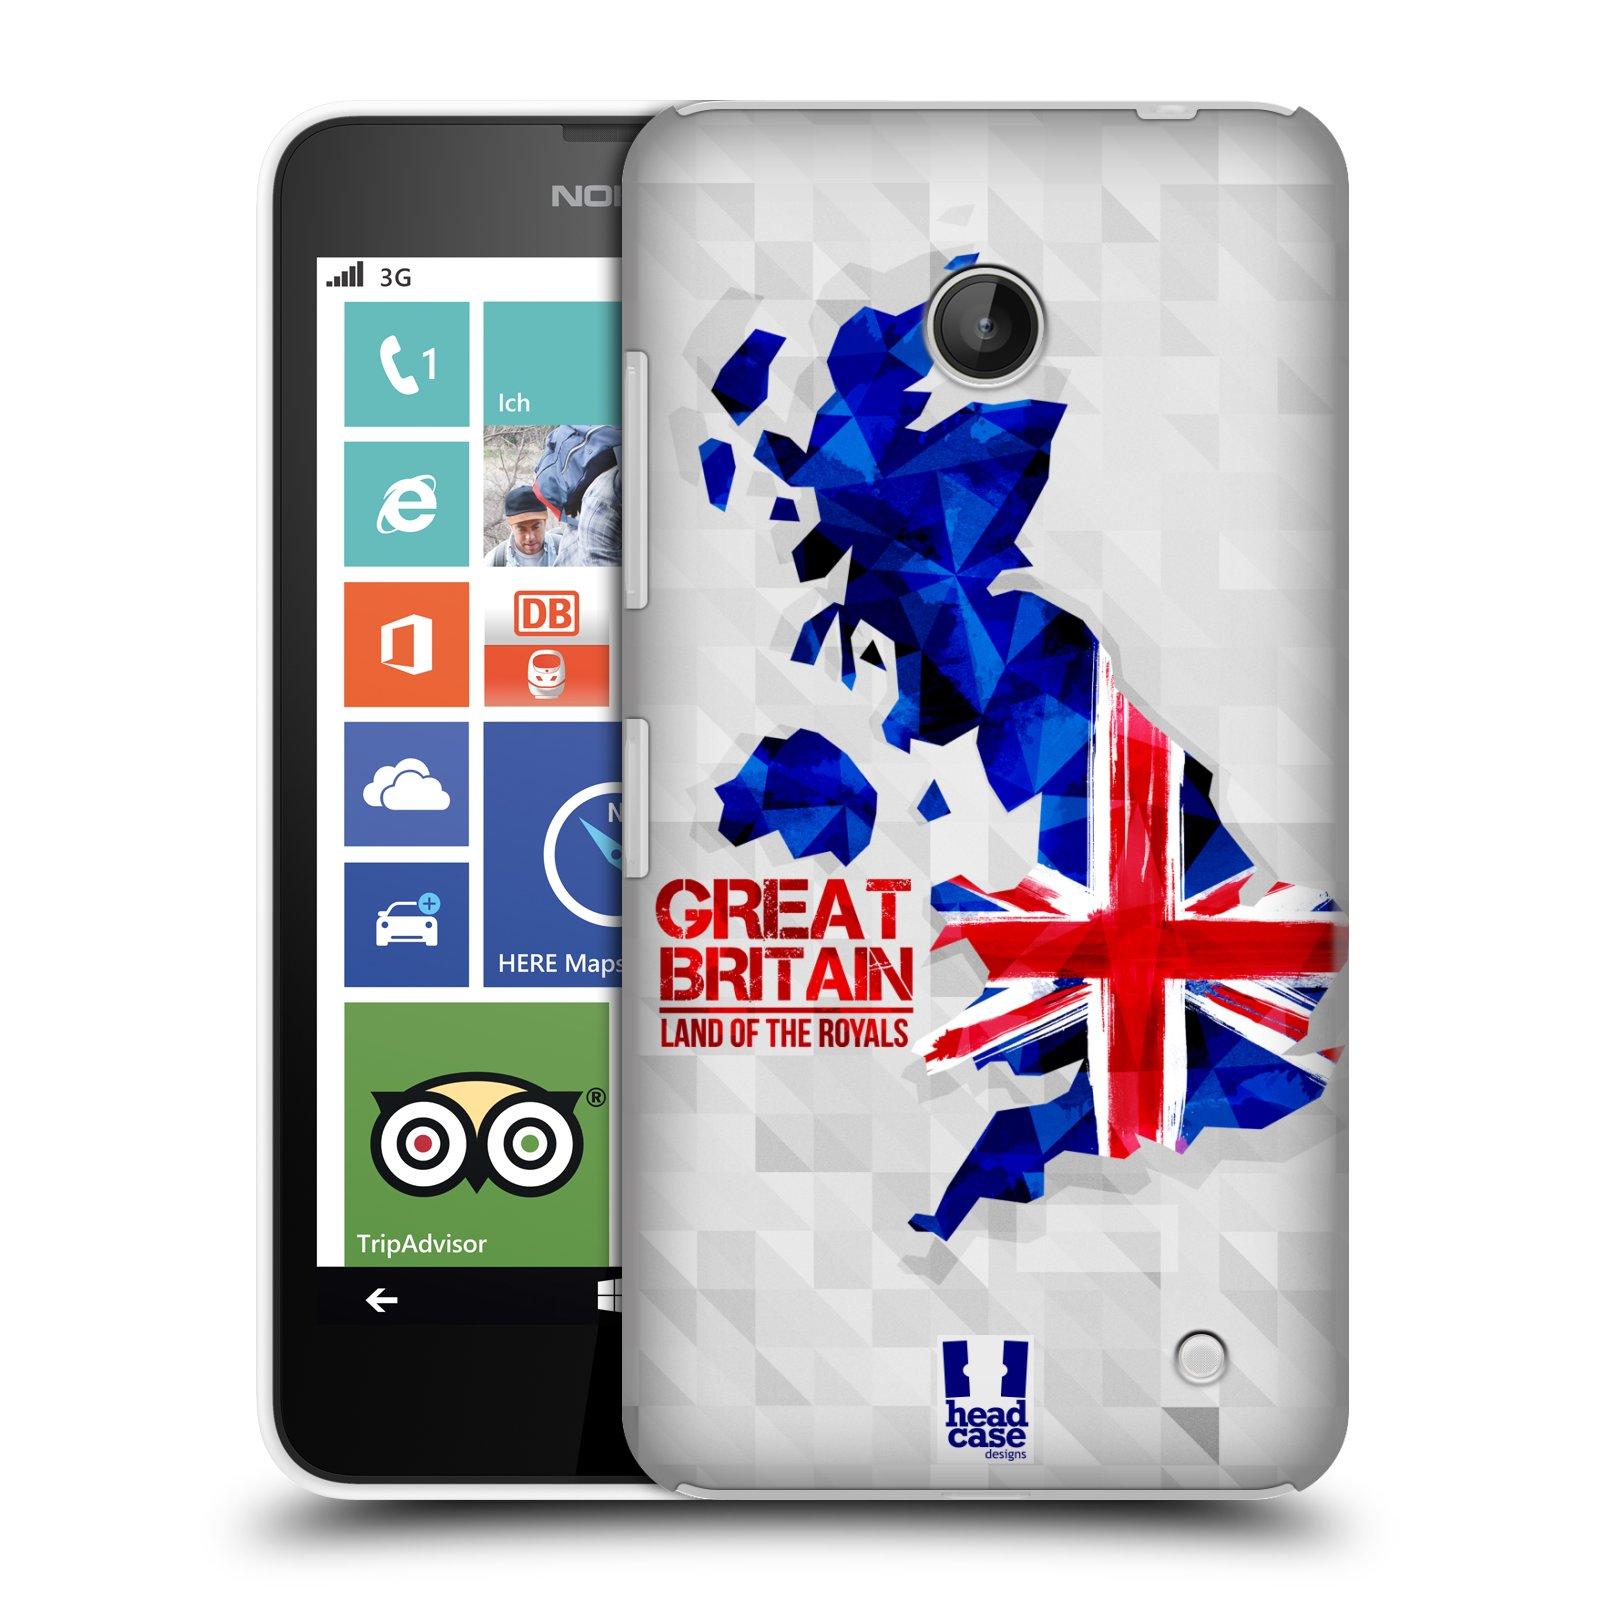 Plastové pouzdro na mobil Nokia Lumia 630 HEAD CASE GEOMAPA VELKÁ BRTÁNIE (Kryt či obal na mobilní telefon Nokia Lumia 630 a Nokia Lumia 630 Dual SIM)